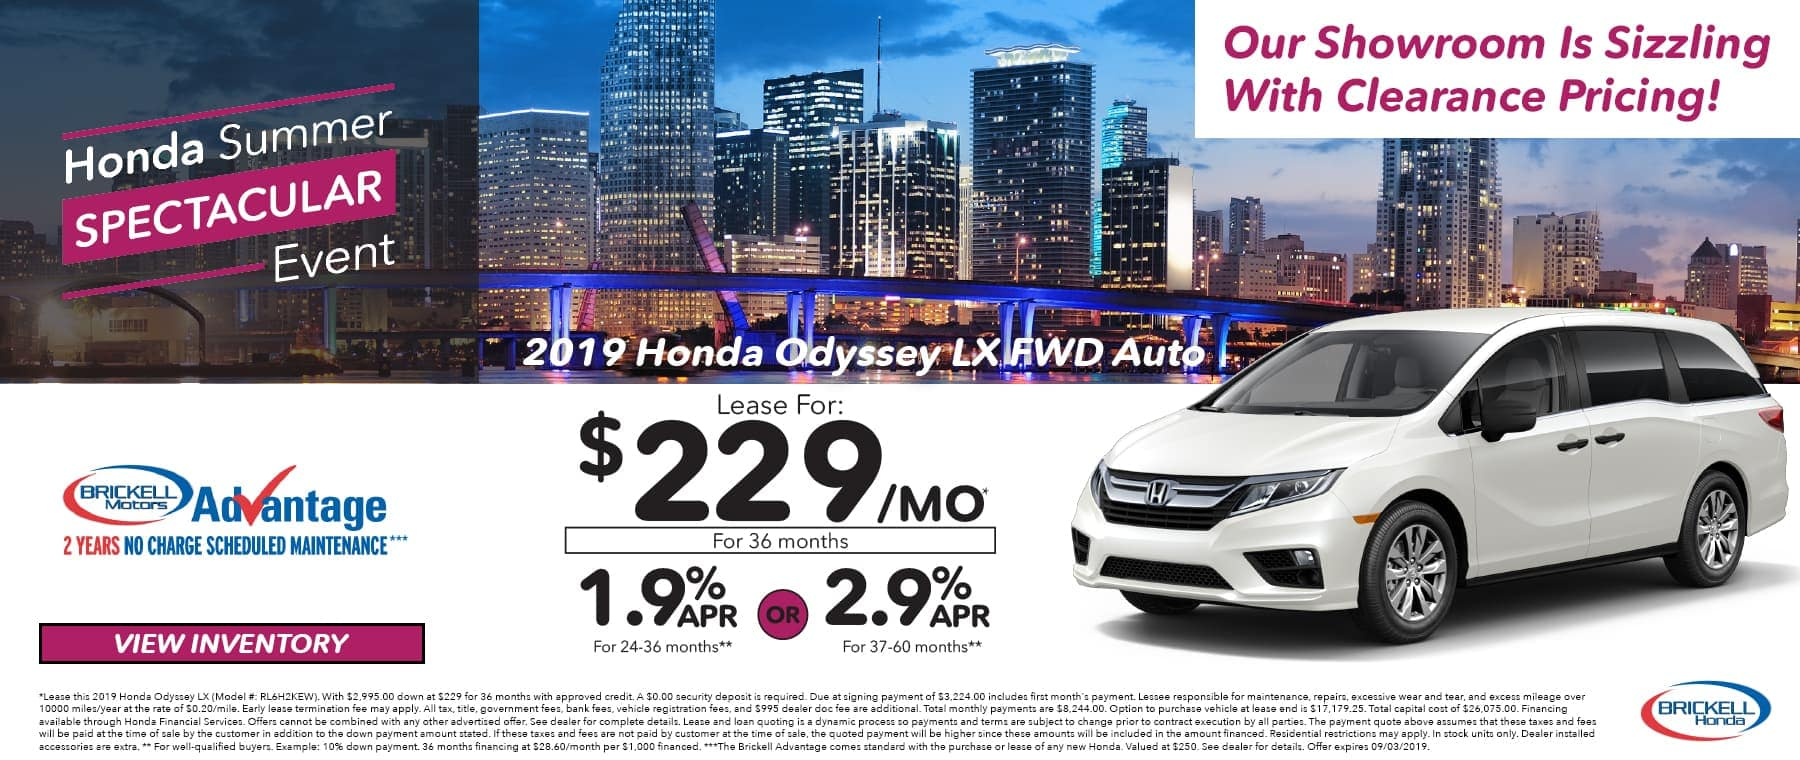 Honda Summer Event 2019 Honda Odyssey